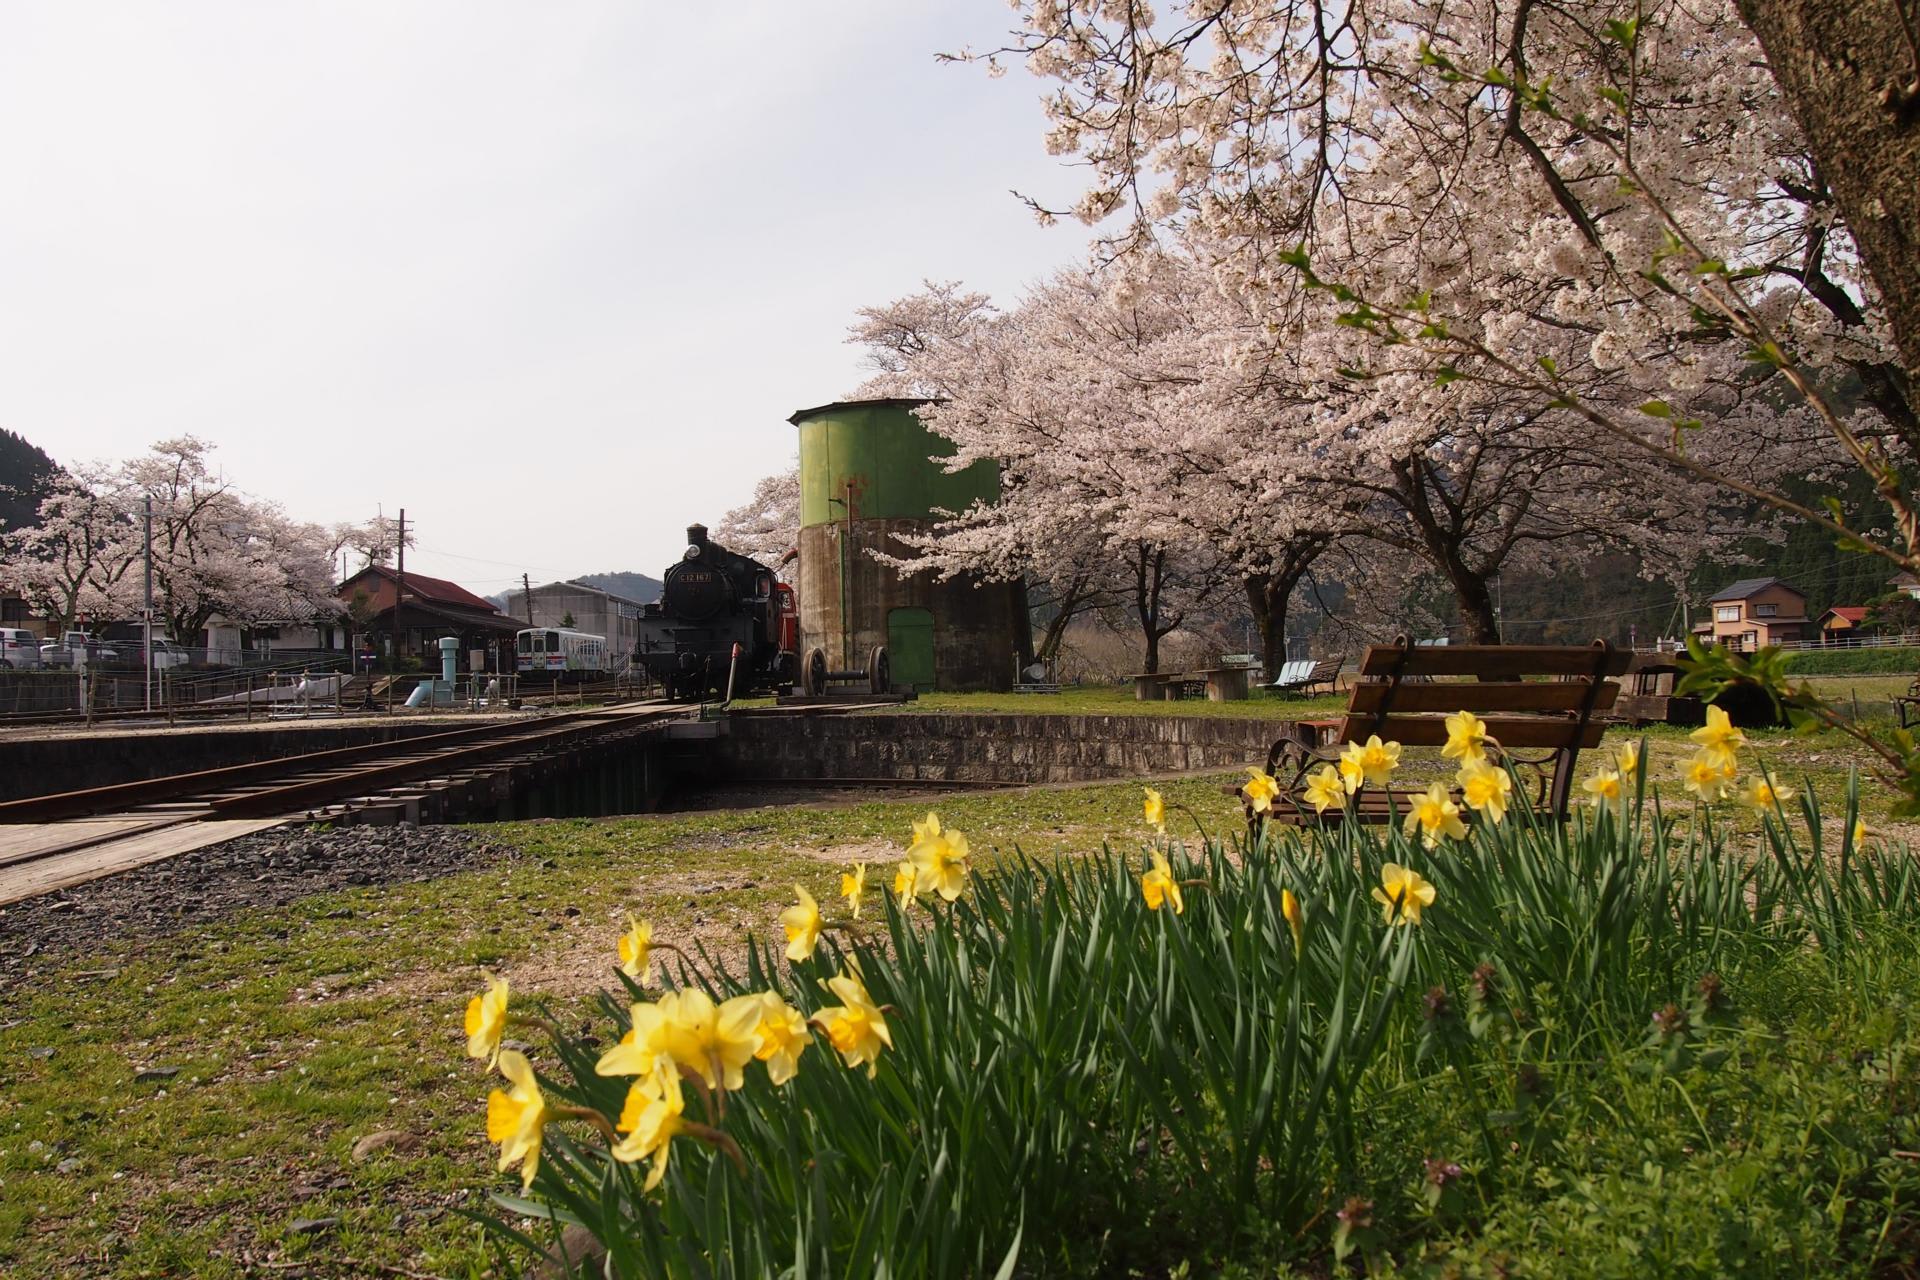 若桜町のSL - 不動院岩屋堂